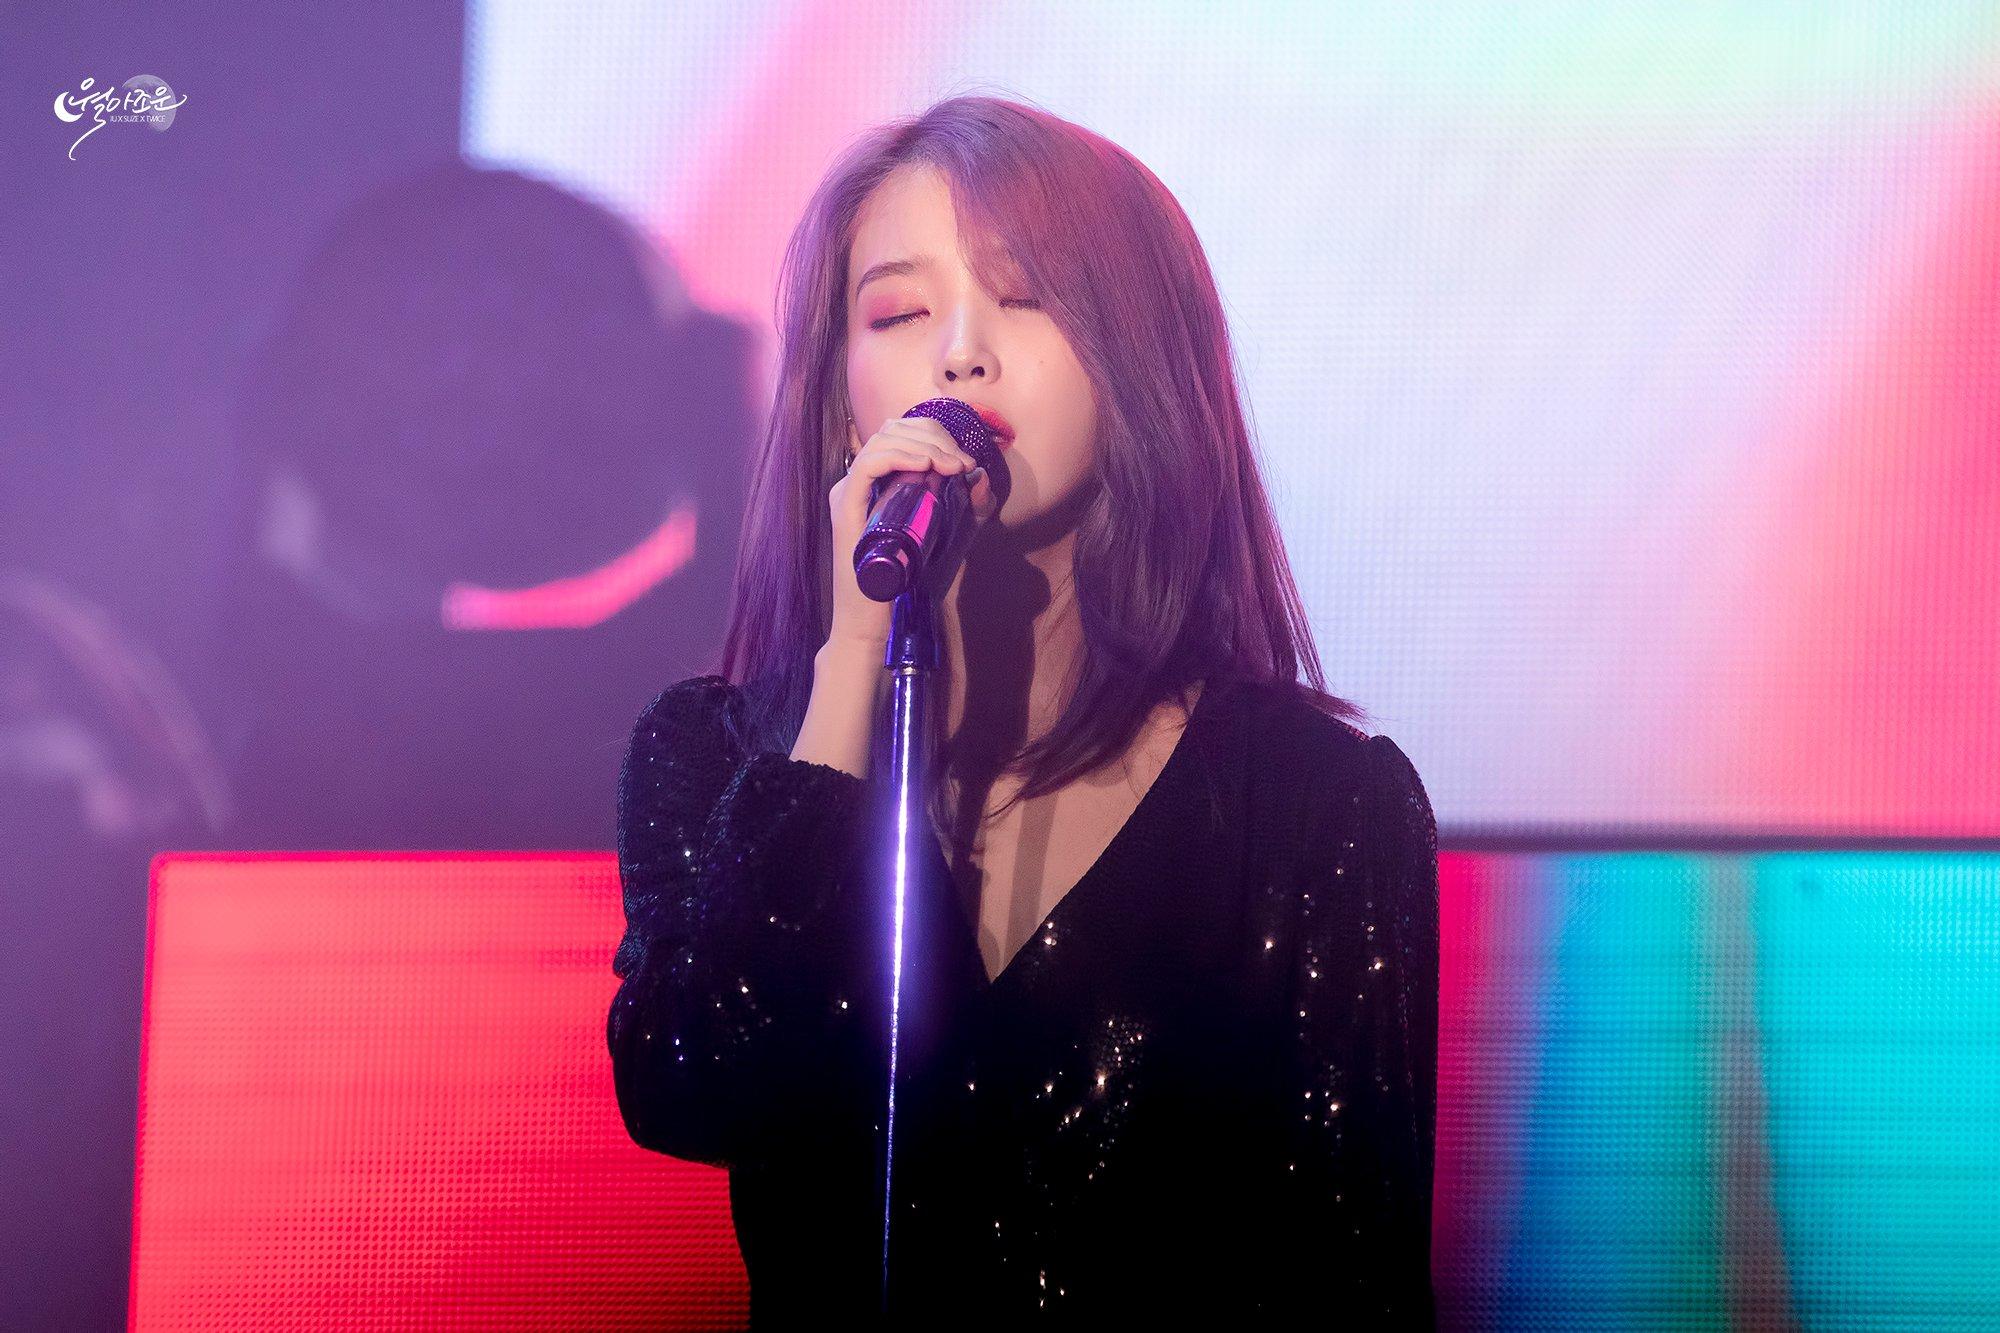 iu, iu profile, iu concert, iu world tour, iu facts, iu age, iu height, iu weight, iu love poem,